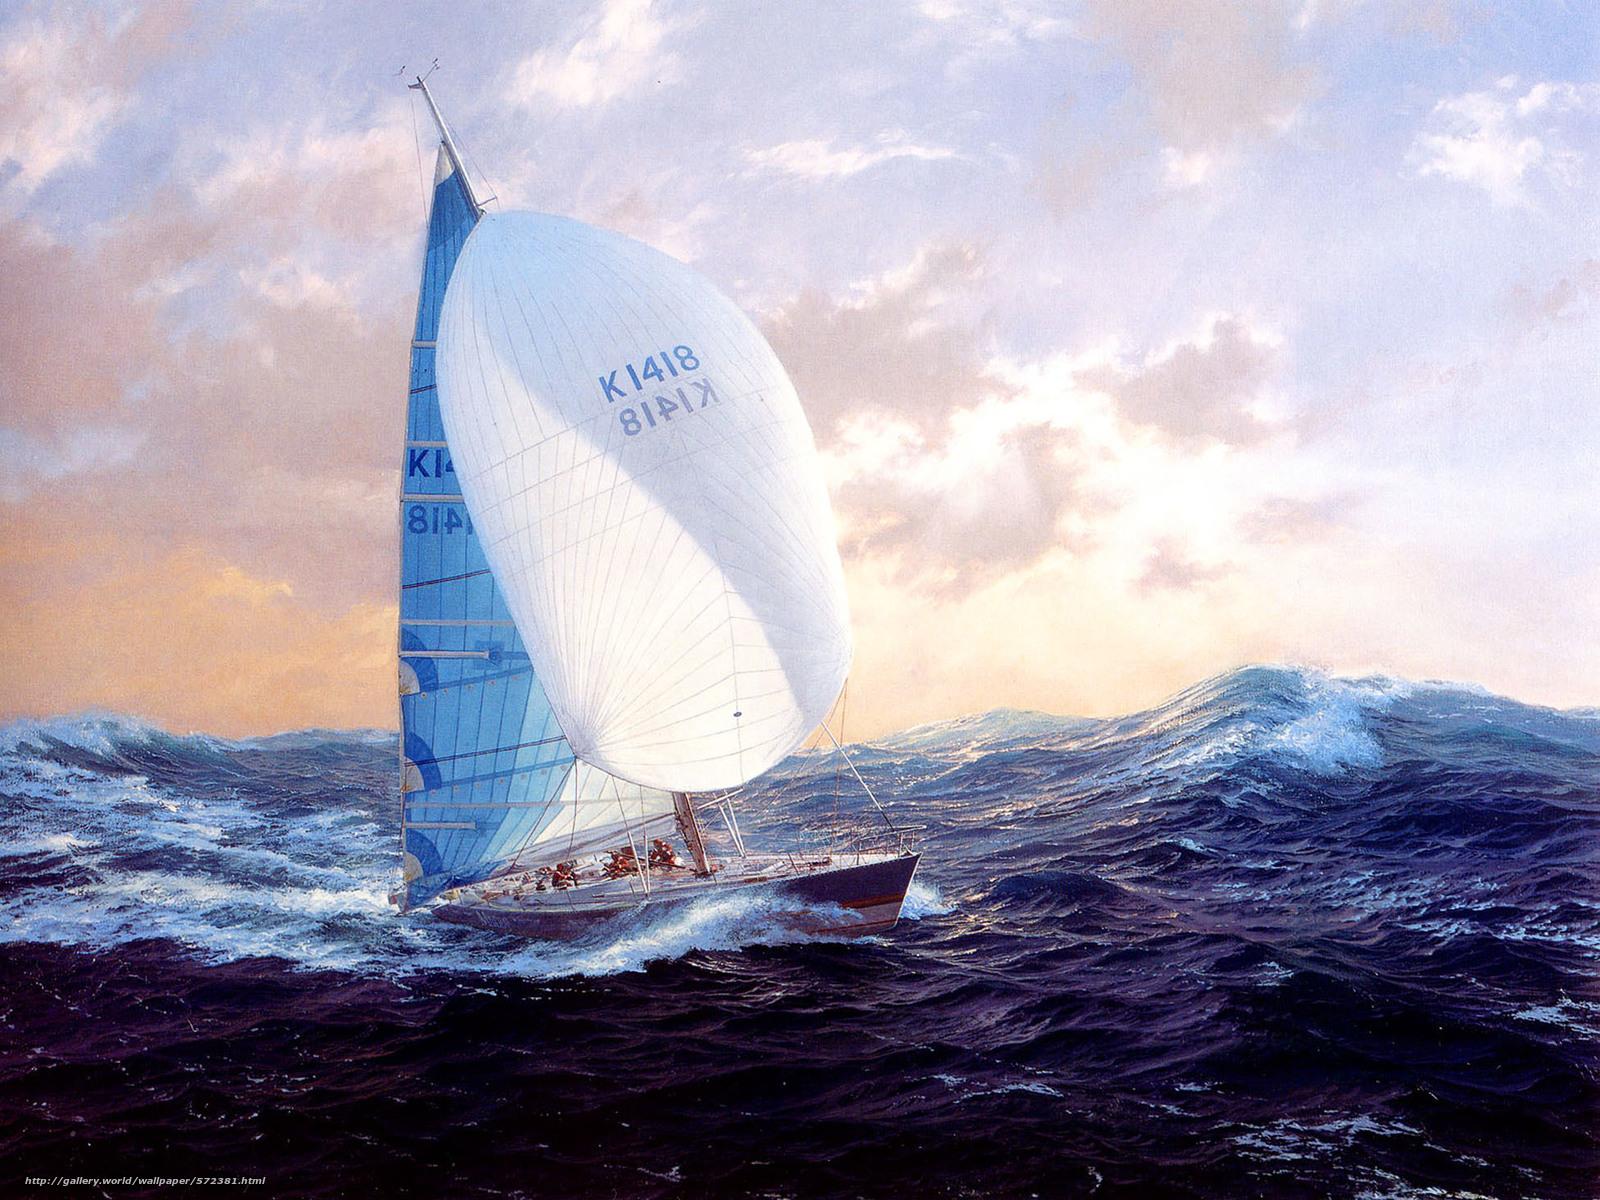 свежий ветер ударил в парус и погнал лодку